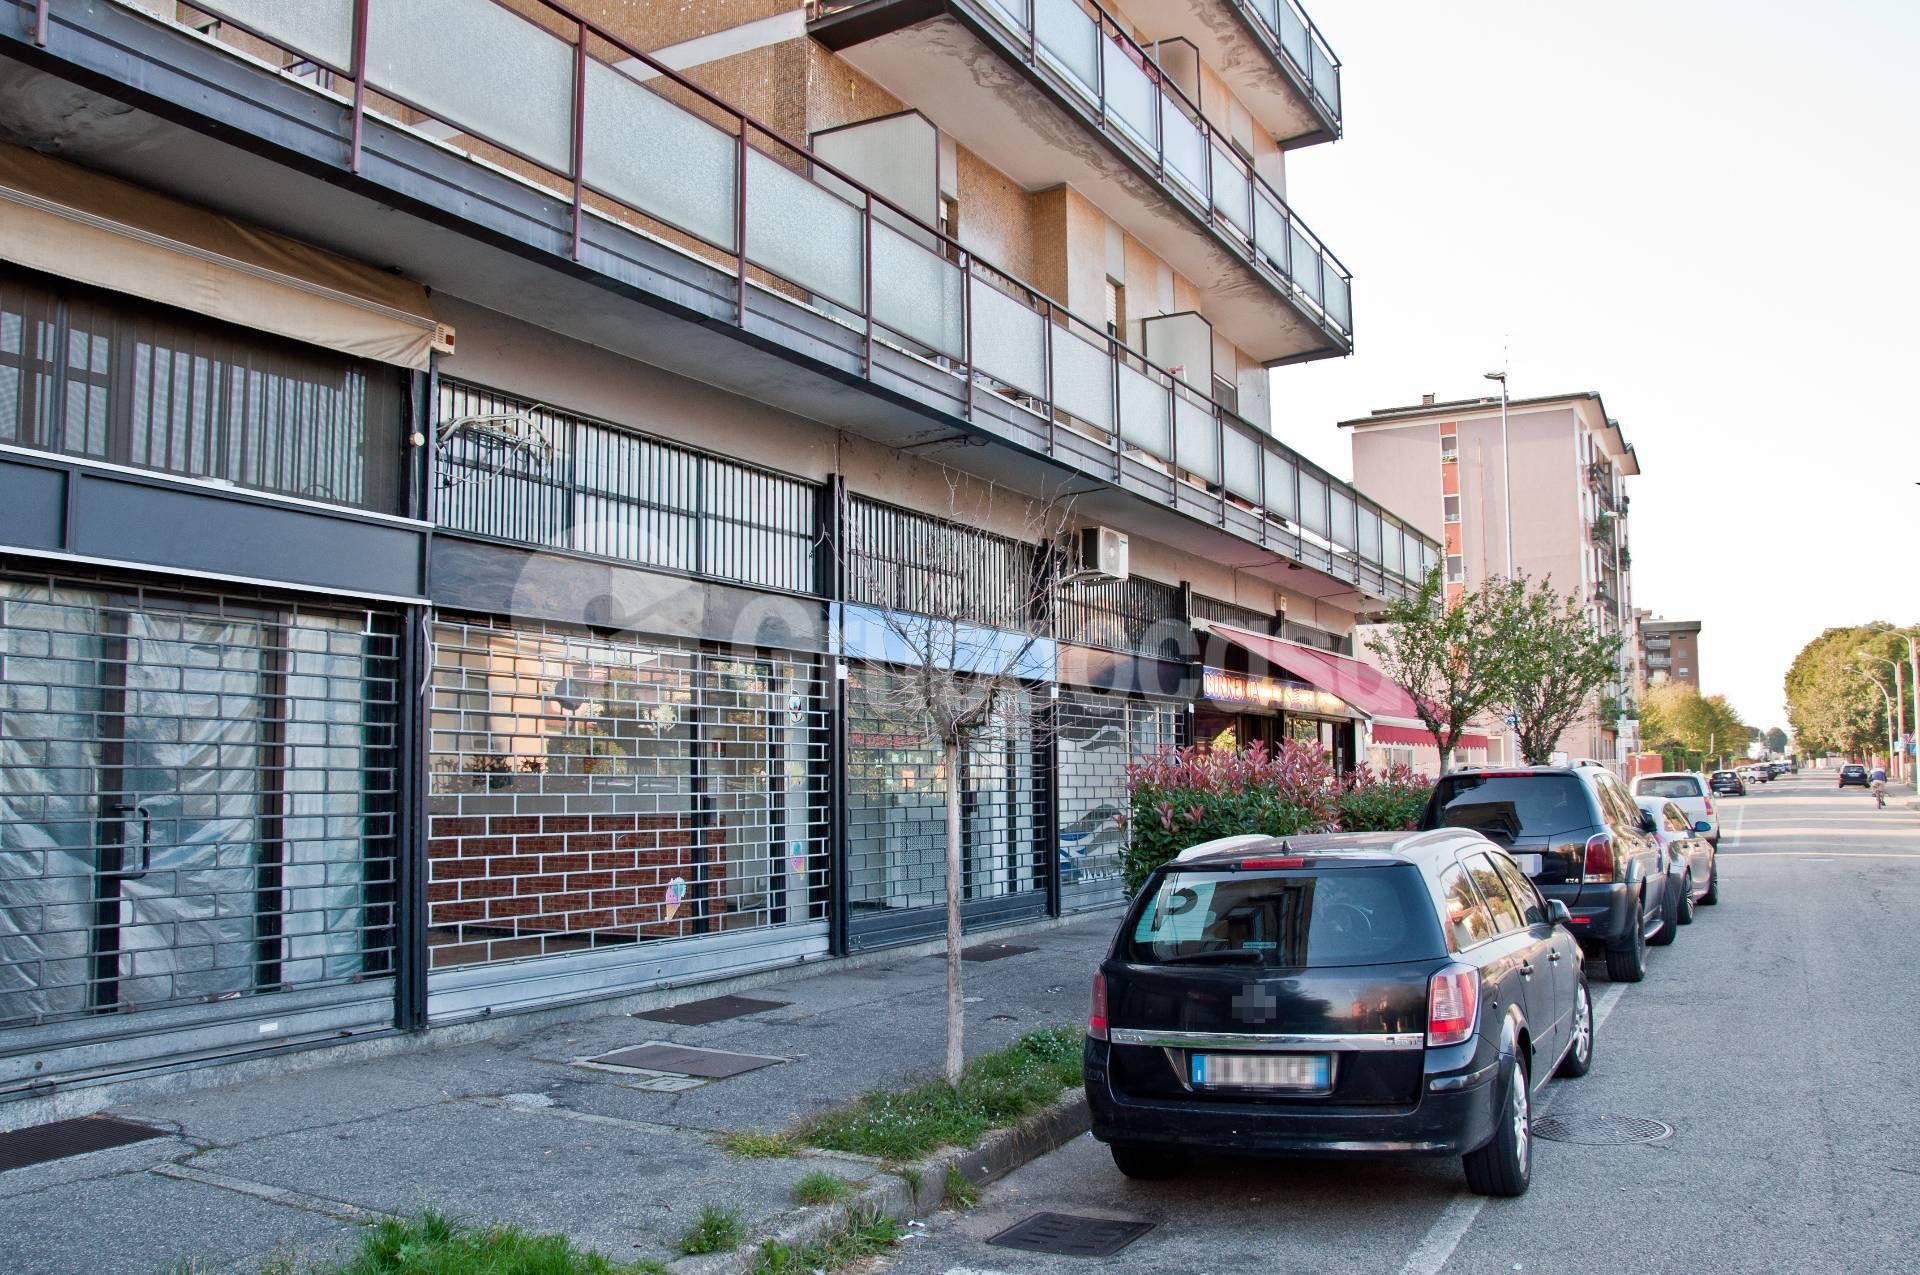 Negozio / Locale in affitto a Abbiategrasso, 9999 locali, prezzo € 55.000 | PortaleAgenzieImmobiliari.it